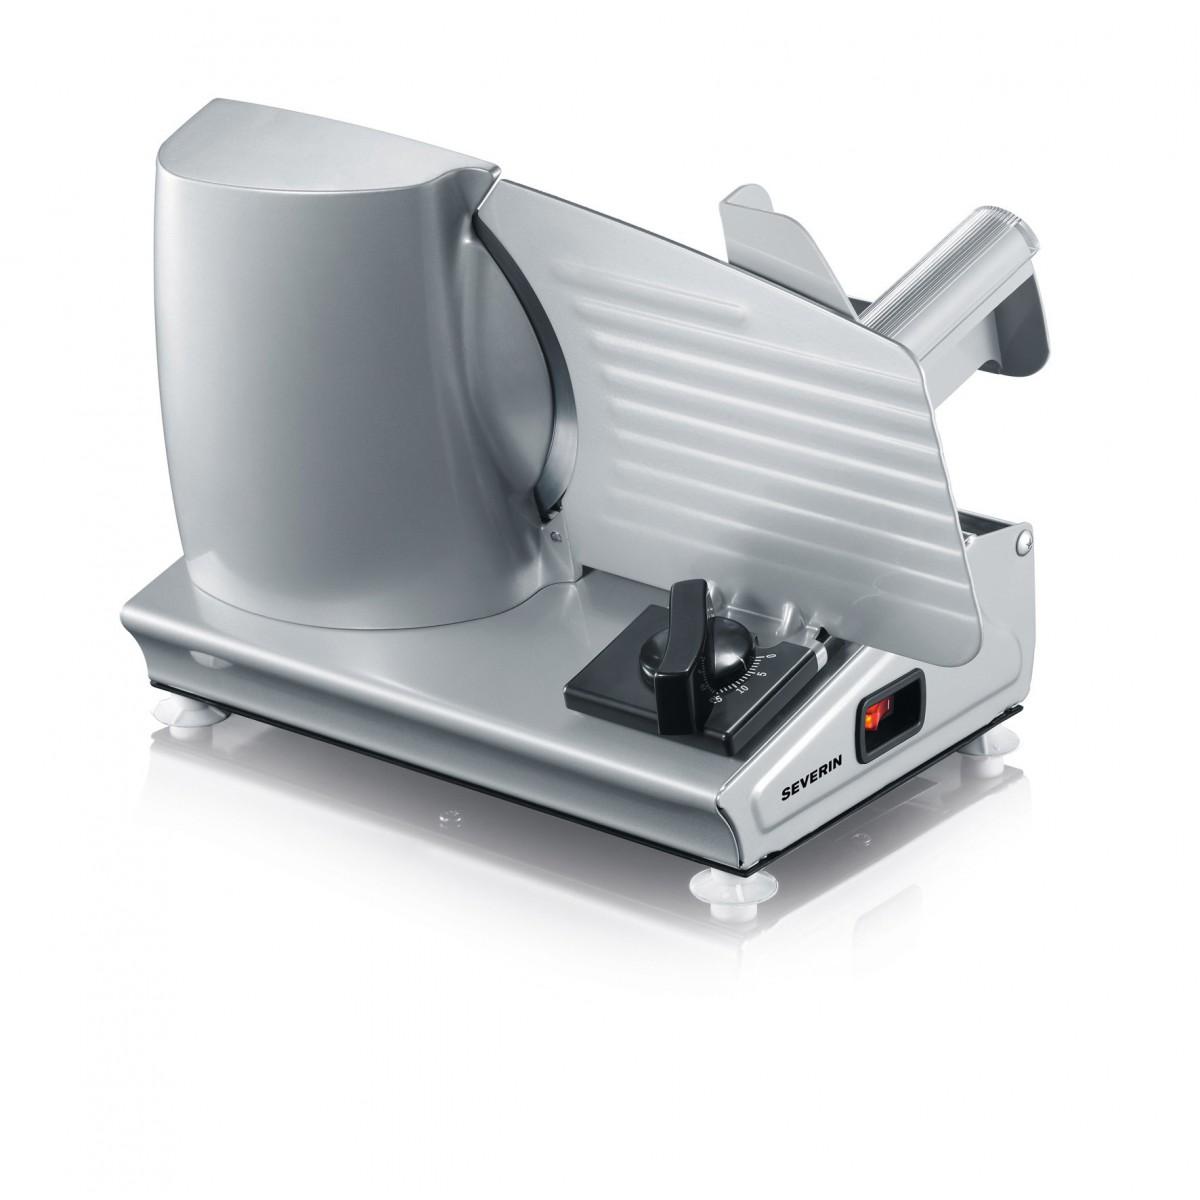 Trancheuse électrique 190 mm Severin - 180 W